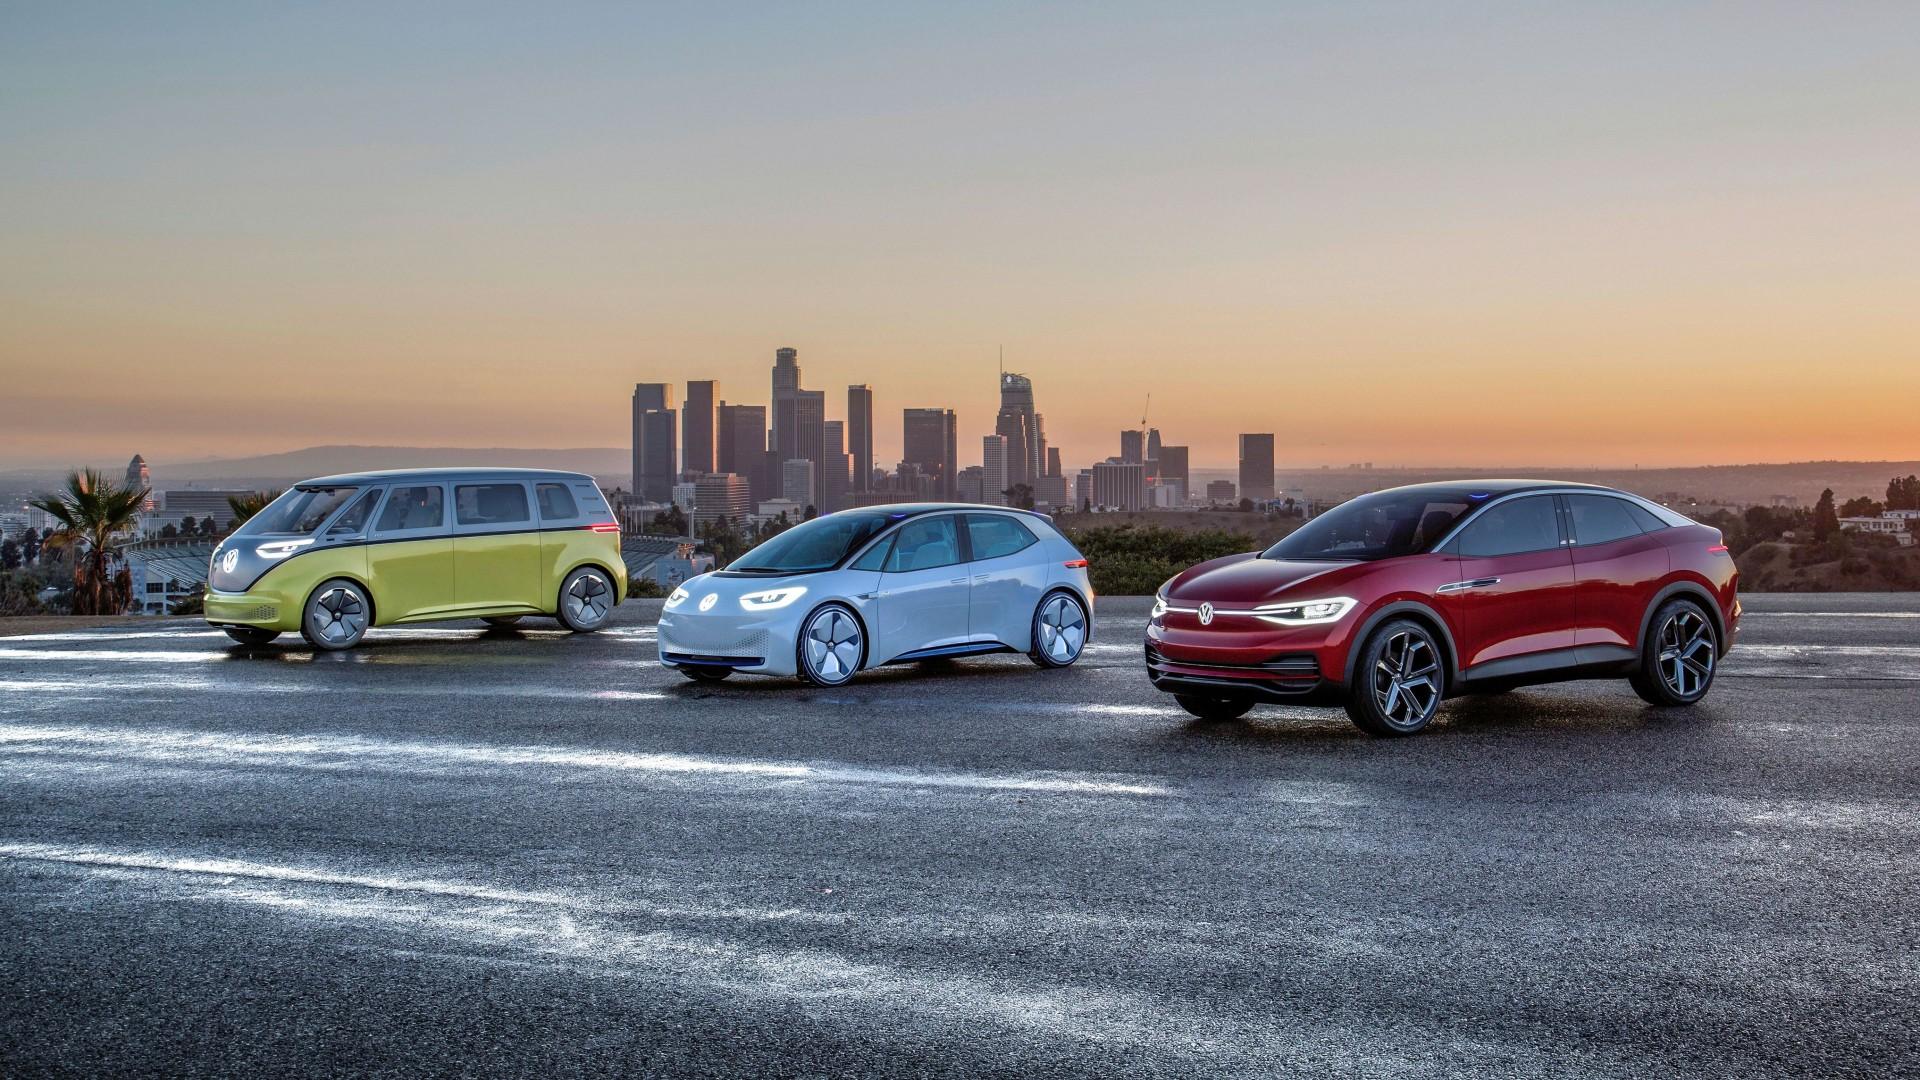 La Auto Show Volkswagen Toont Elektrische Mobiliteit Van